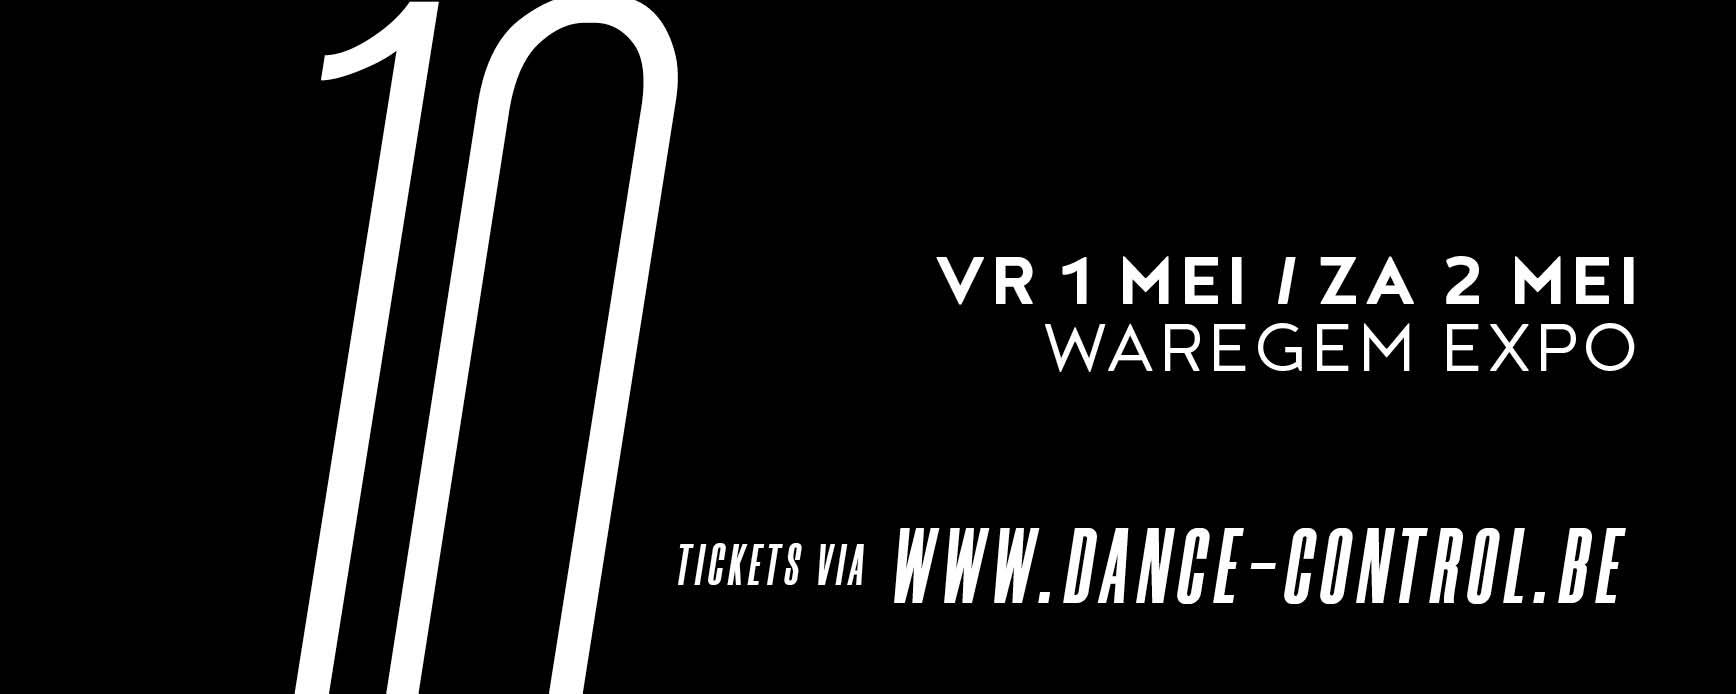 Dance Control – verplaatst naar 01 en 02 mei 2021